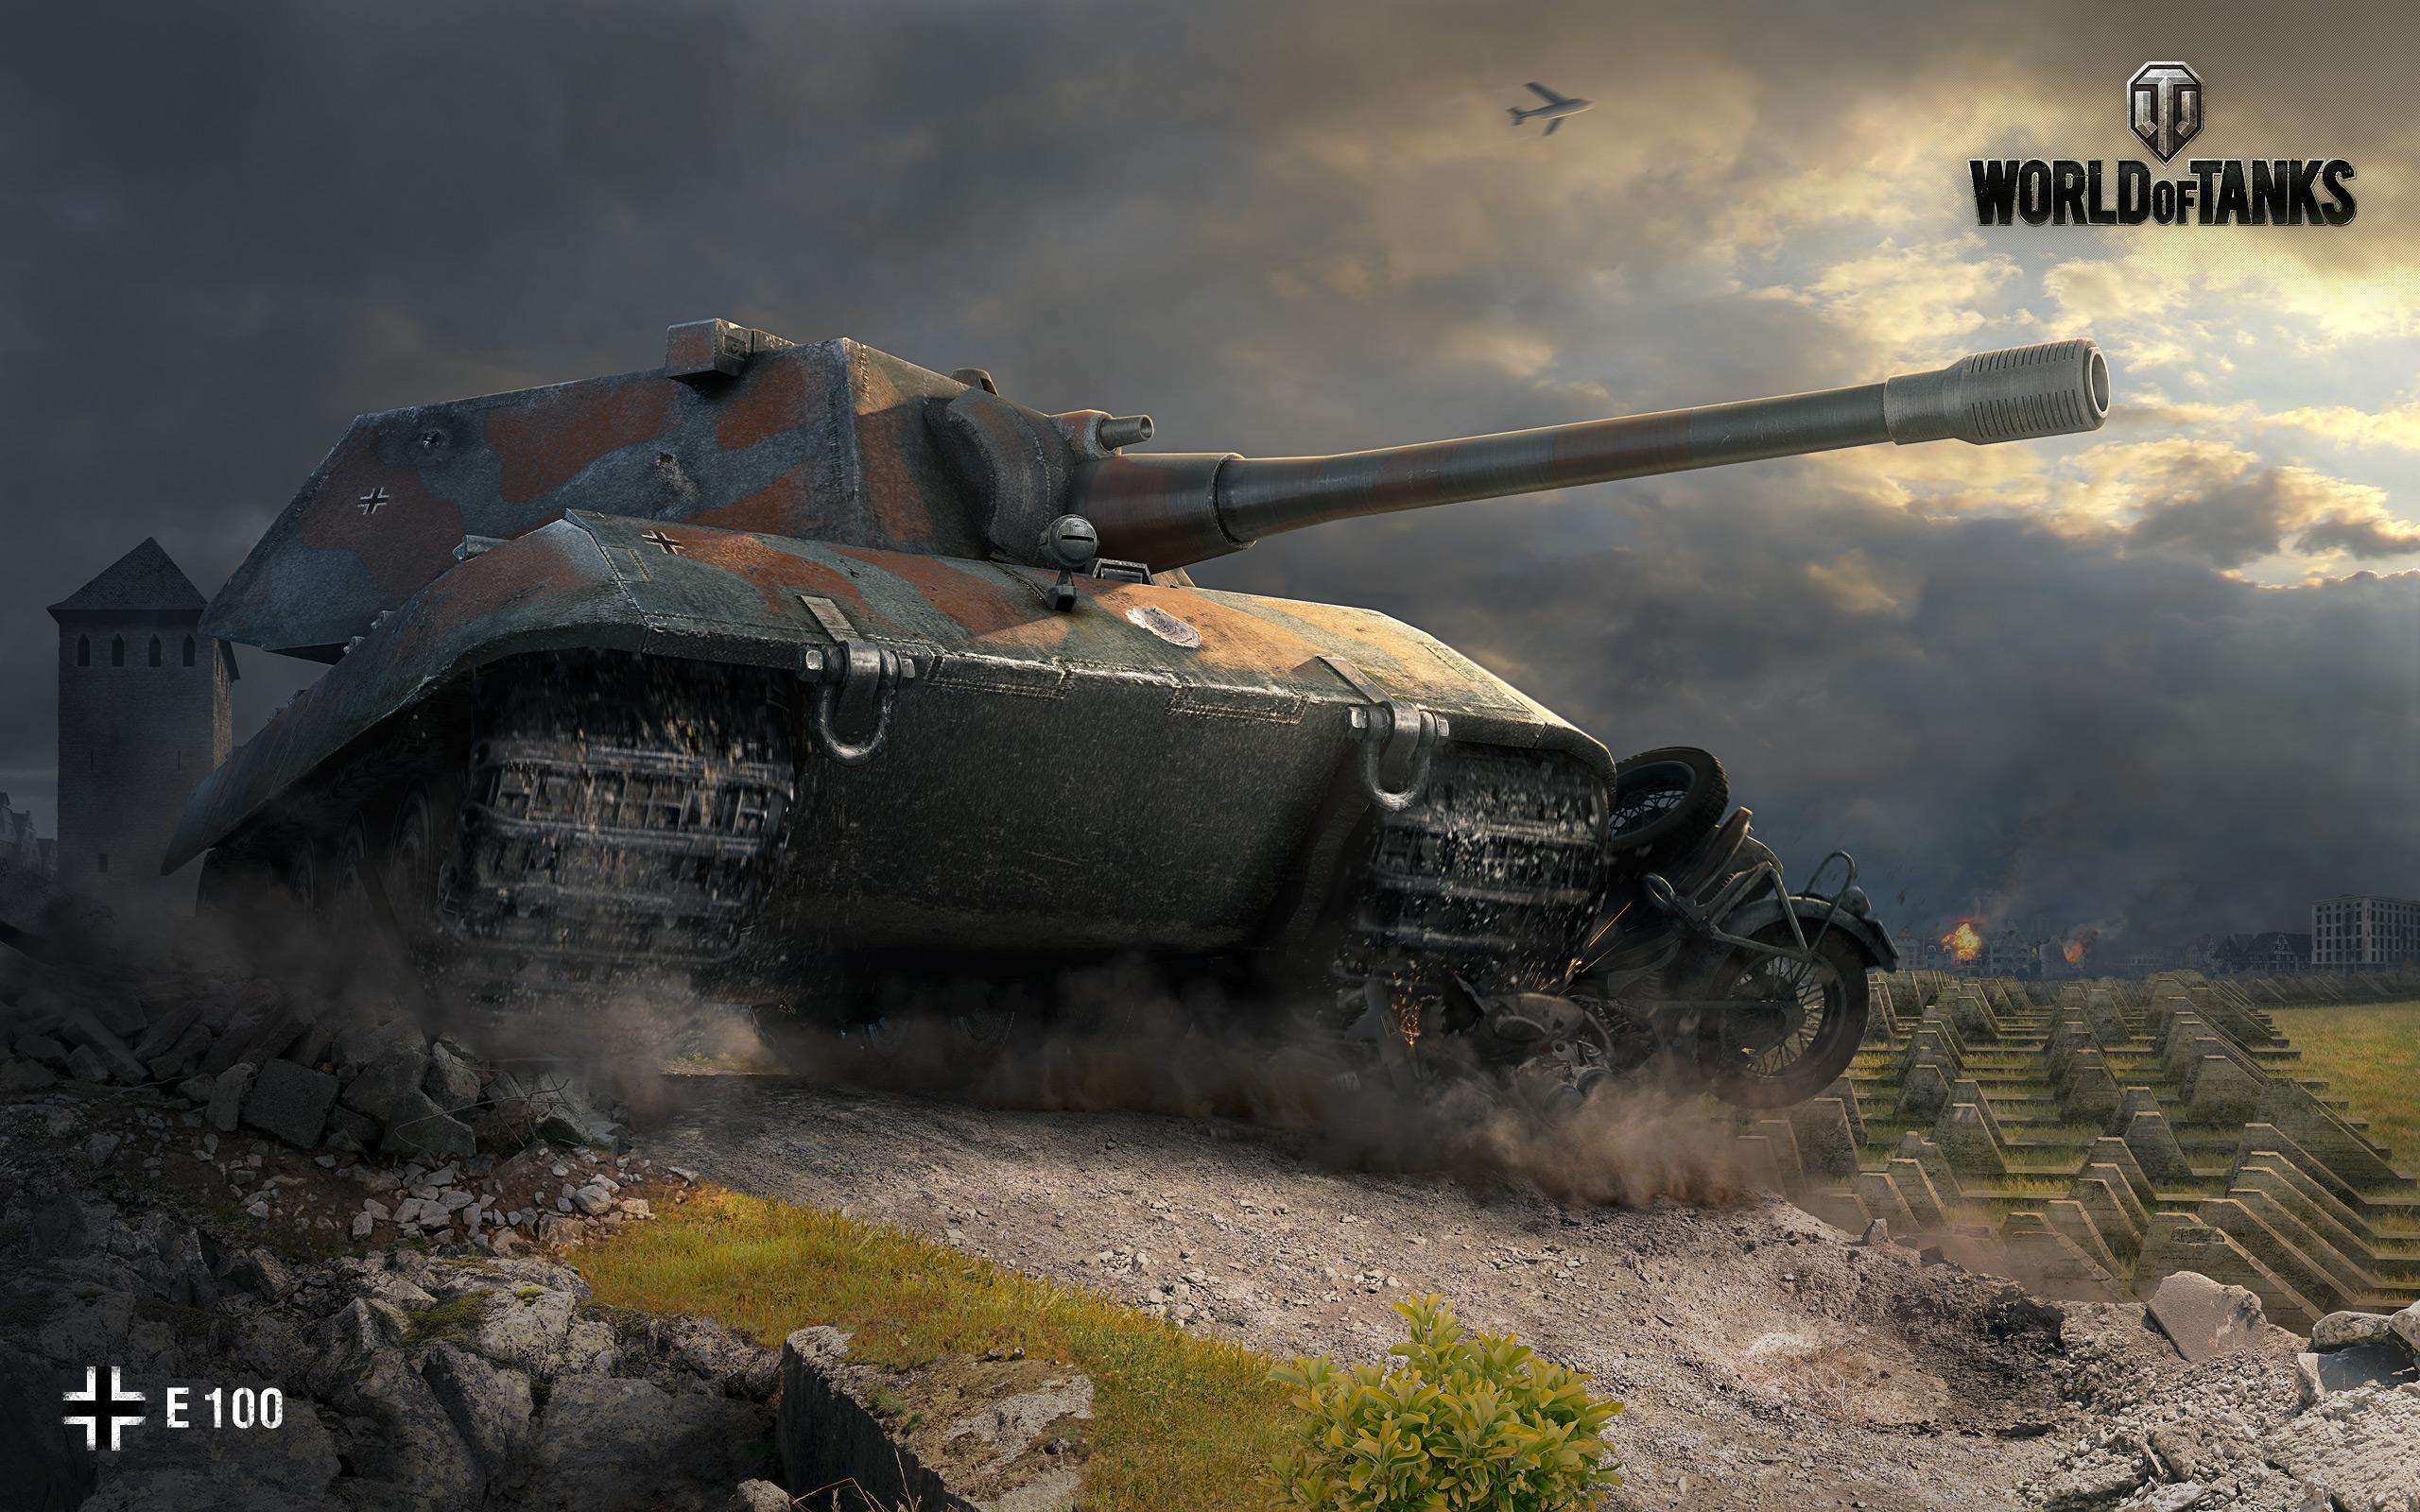 Transformers Wallpaper Hd Widescreen E 100 World Of Tanks Wallpapers Hd Wallpapers Id 13101